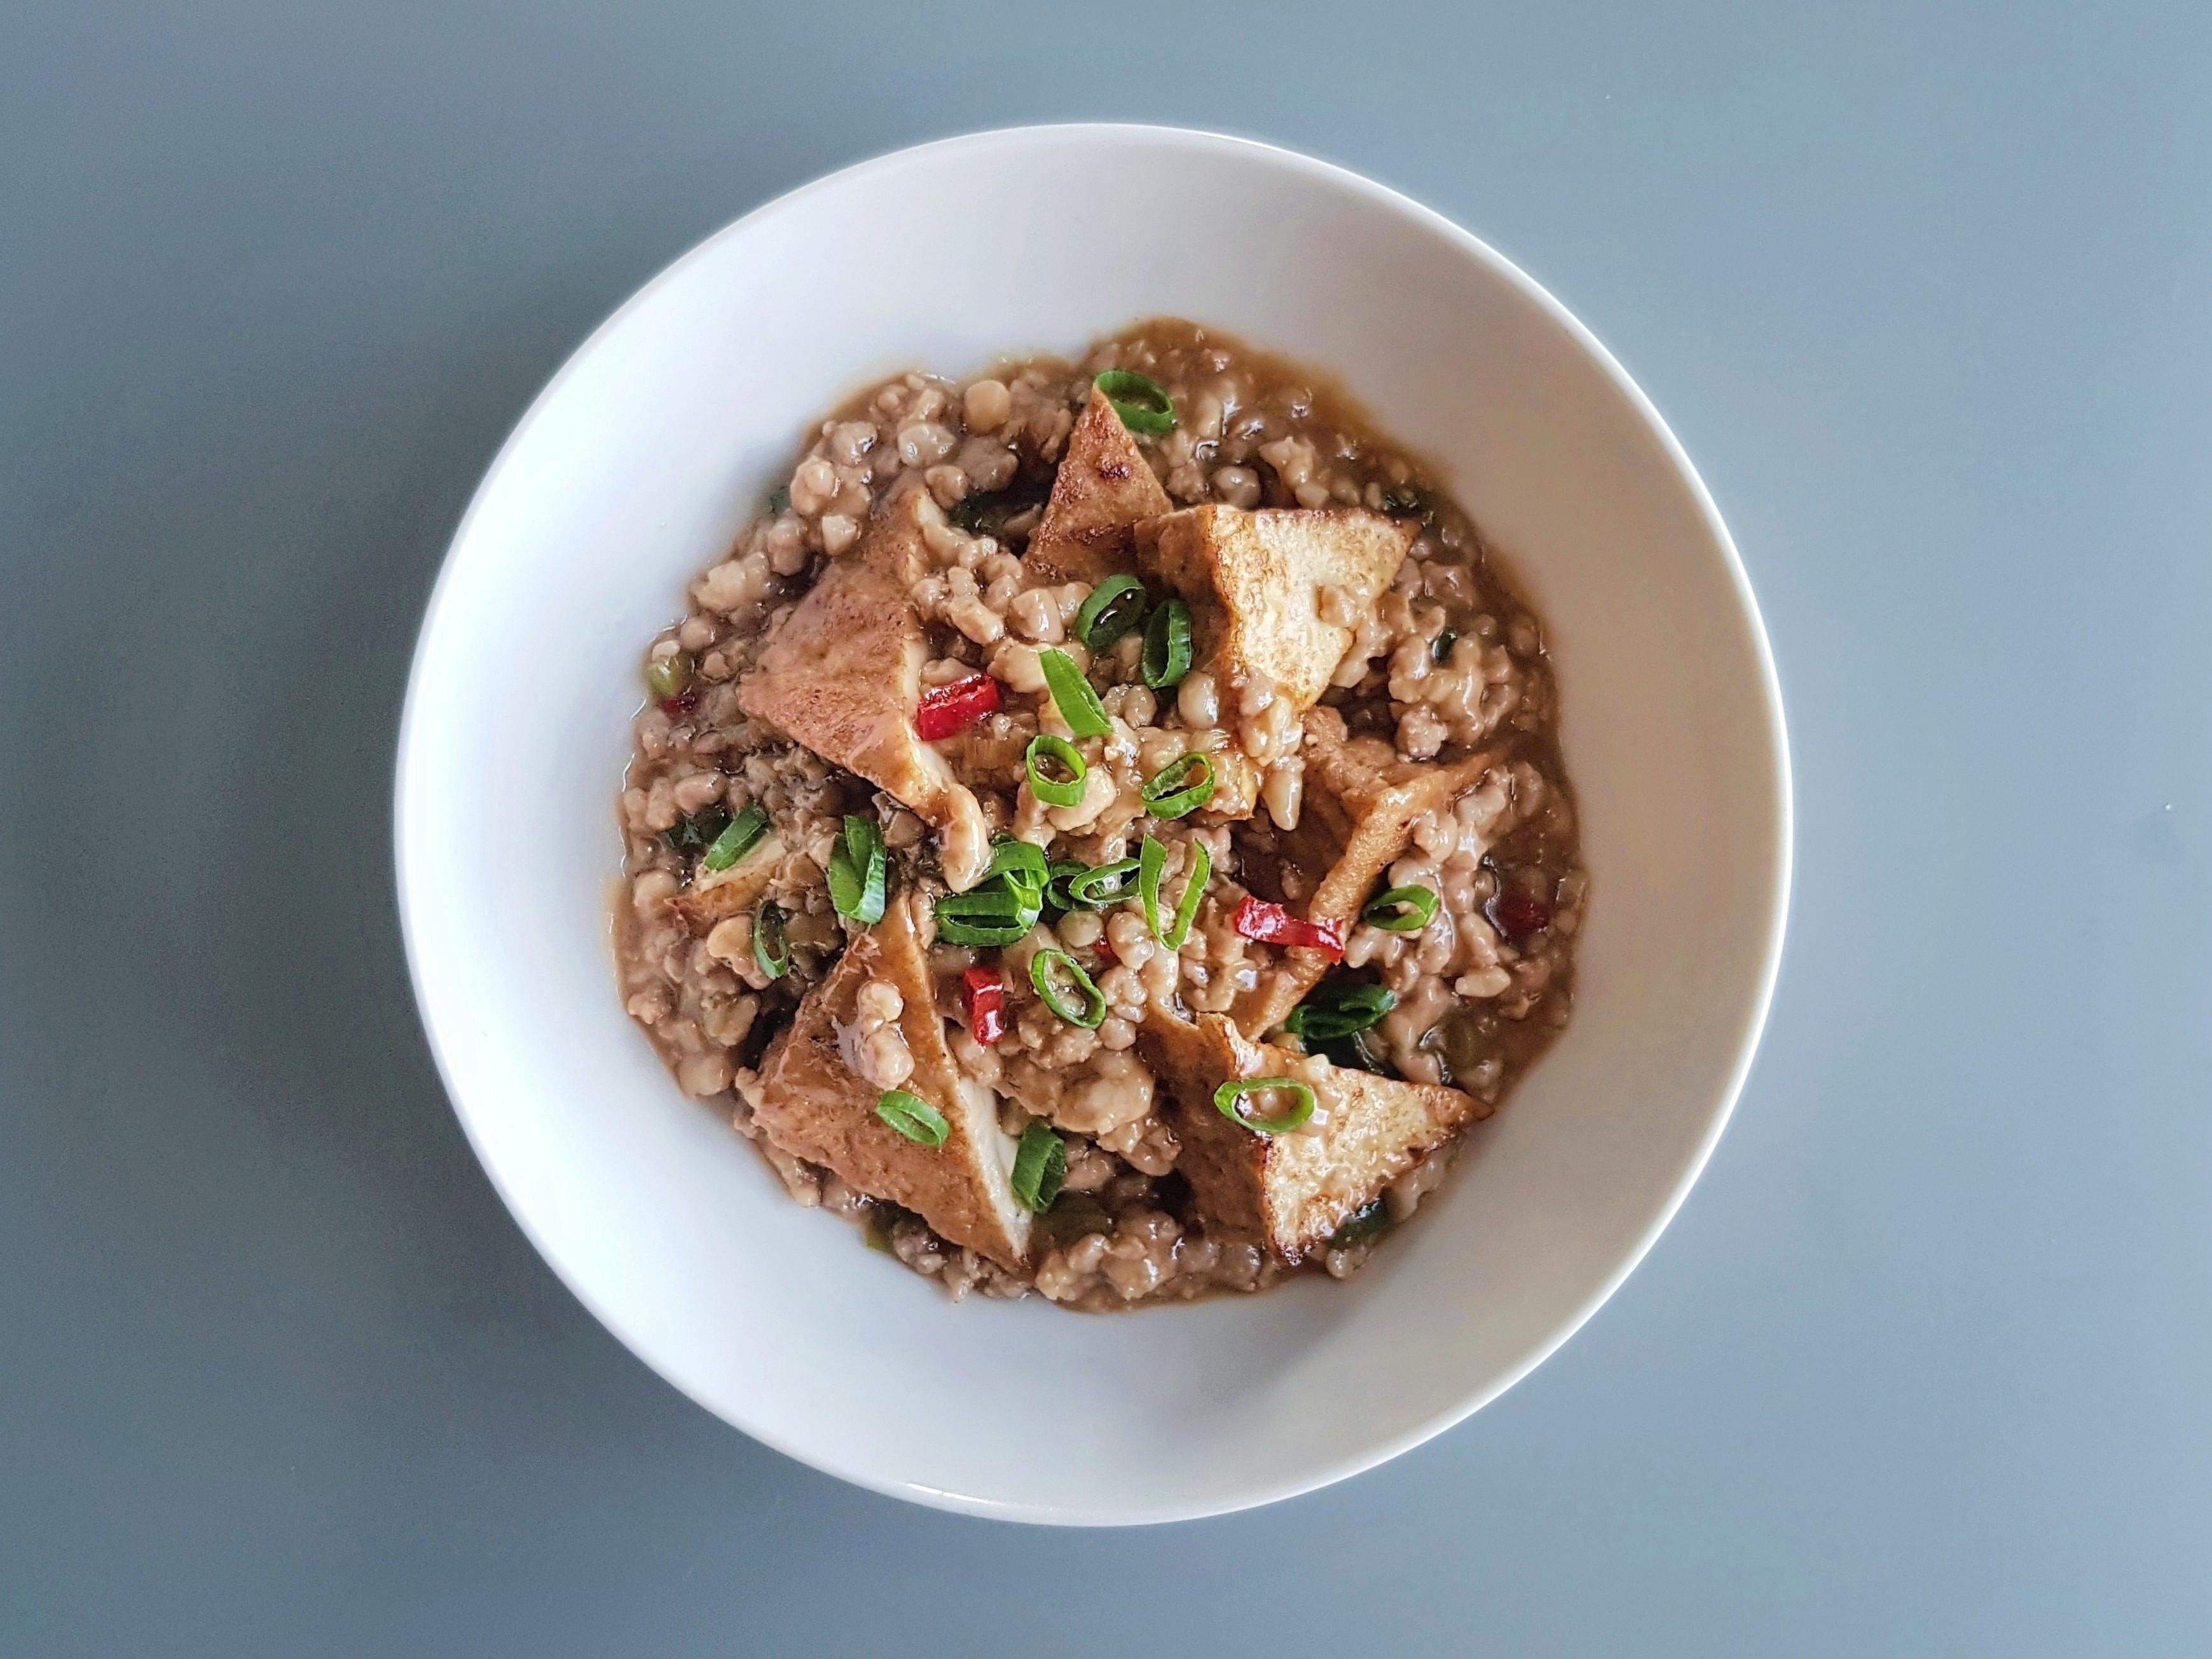 味噌肉醬油豆腐 (中華鹽滷油豆腐)